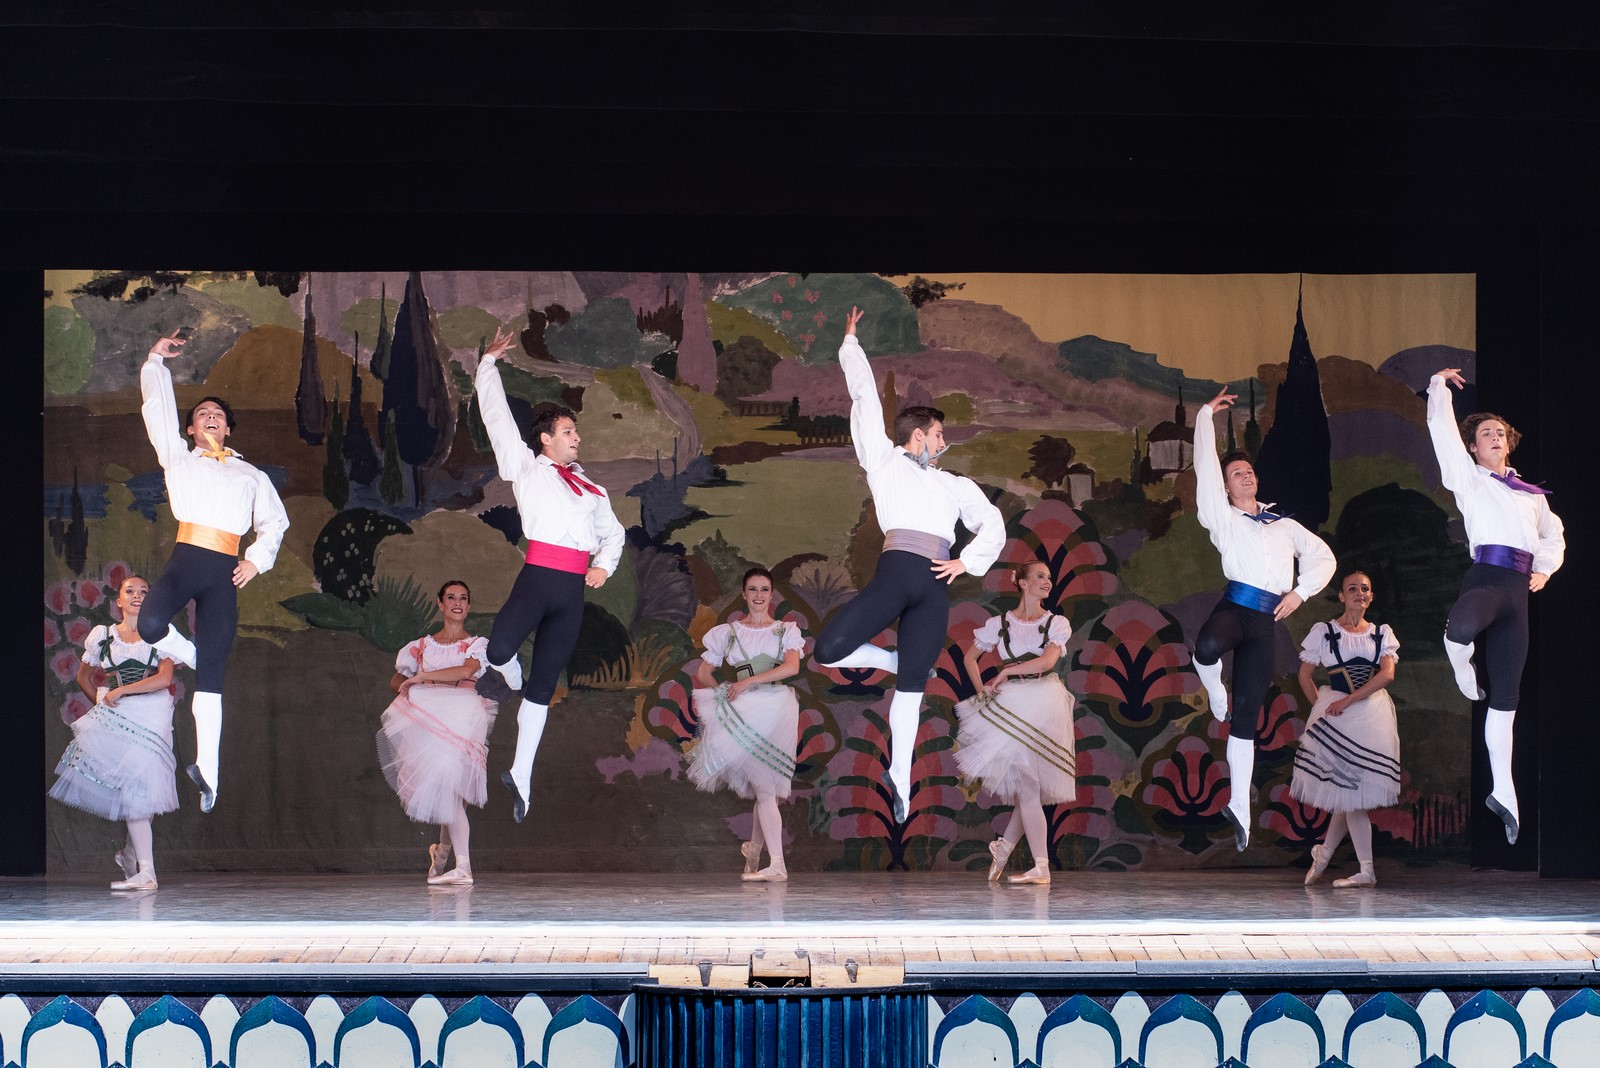 Anmeldelse: Bournonville-aften, Tivoli, Tivoli Ballet Teater